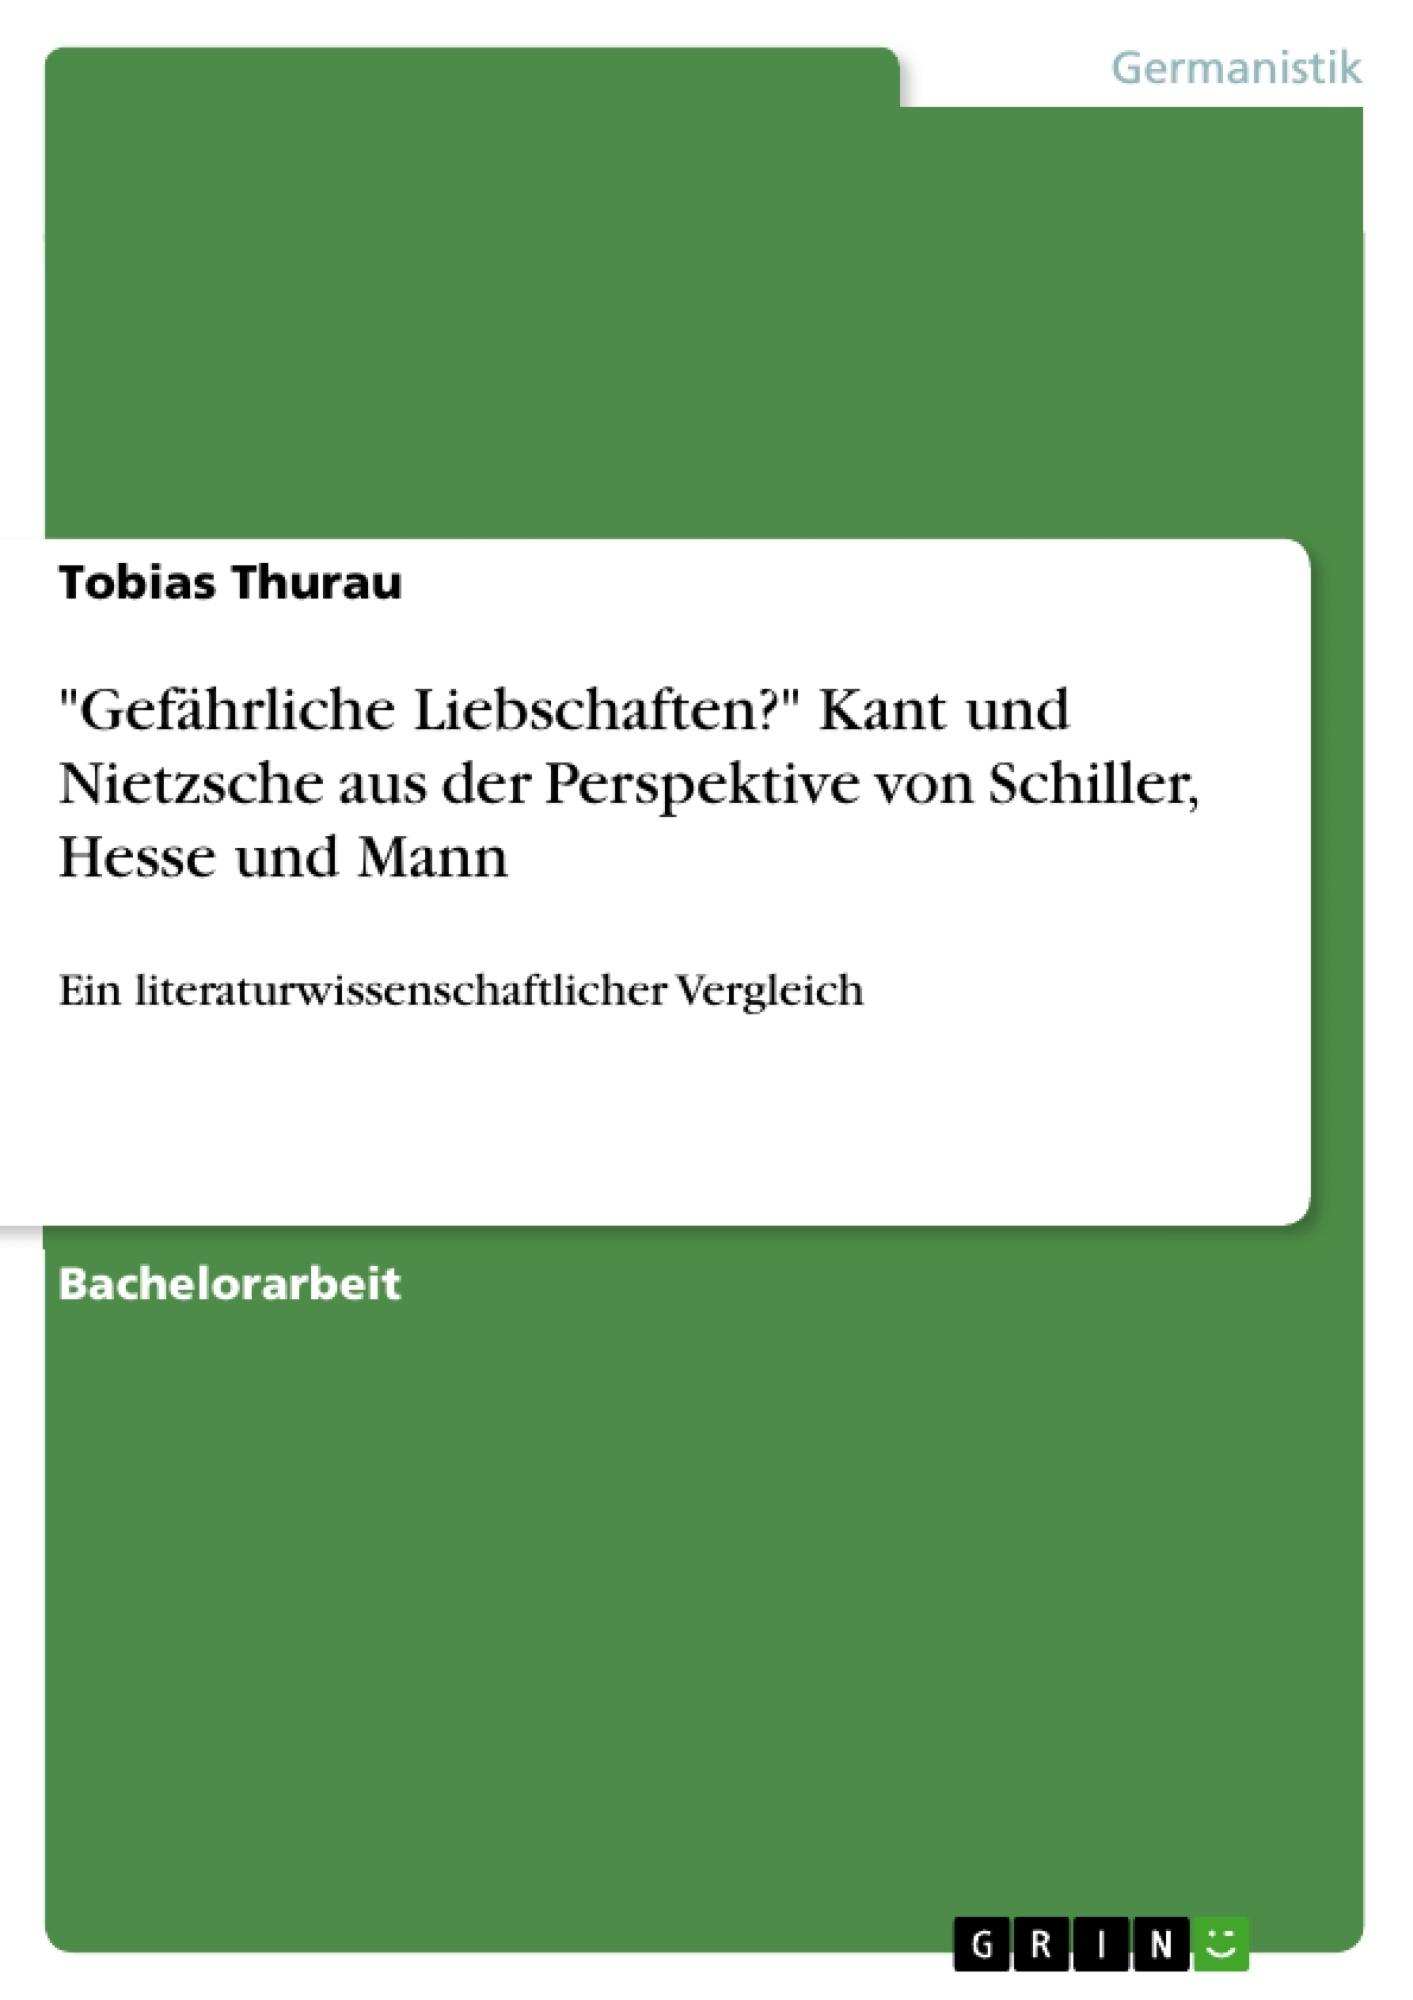 """Titel: """"Gefährliche Liebschaften?"""" Kant und Nietzsche aus der Perspektive von Schiller, Hesse und Mann"""